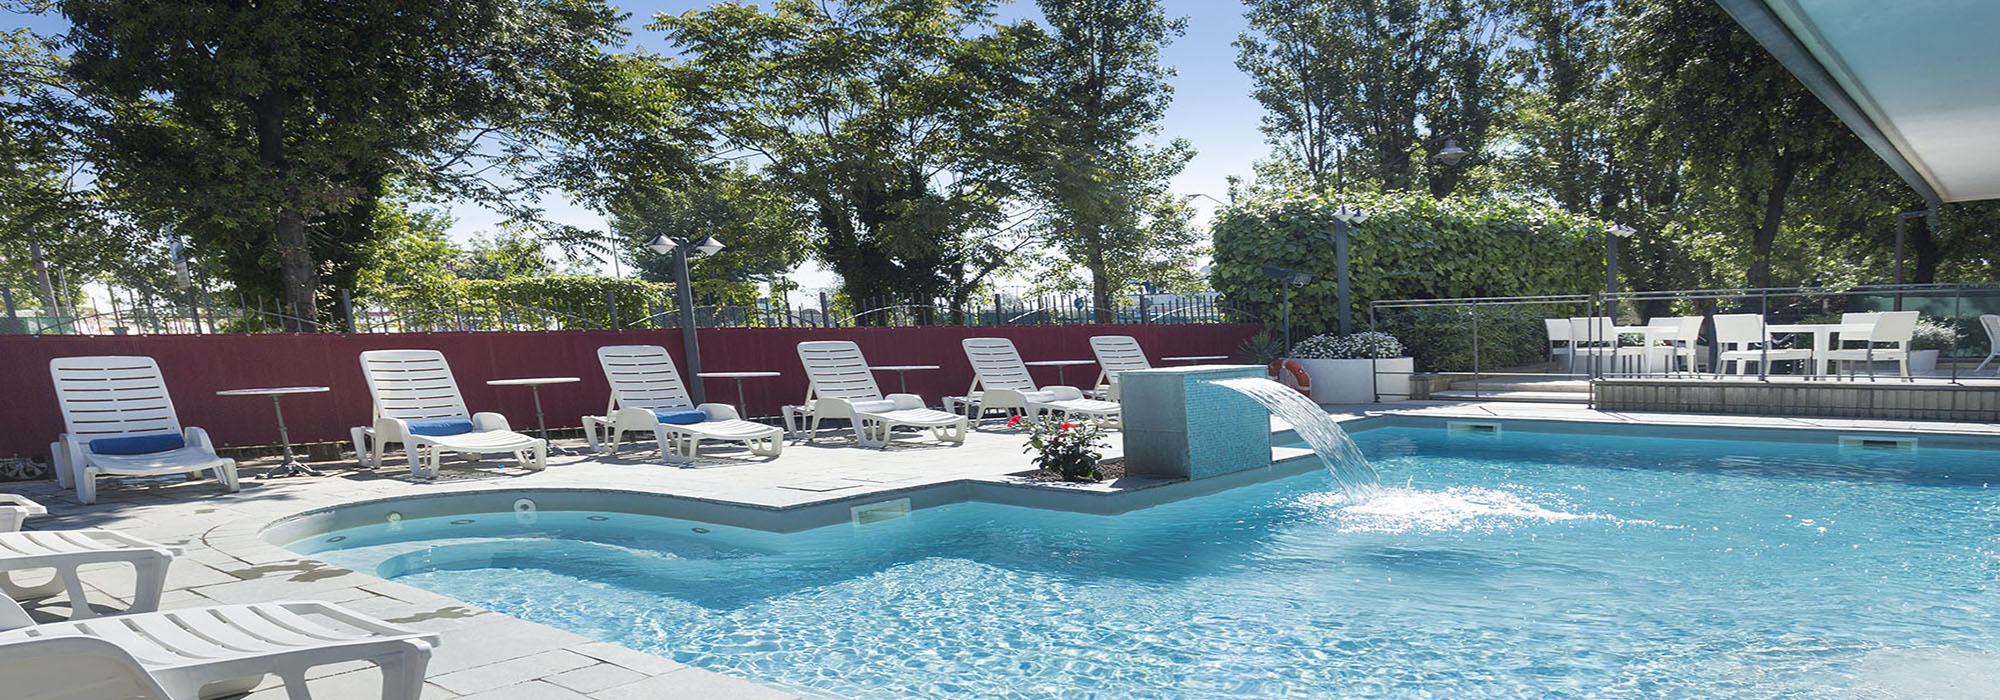 Hotel piscina riscaldata rimini albergo 4 stelle idromassaggio hotel bikini rimini - Hotel con piscina a rimini ...